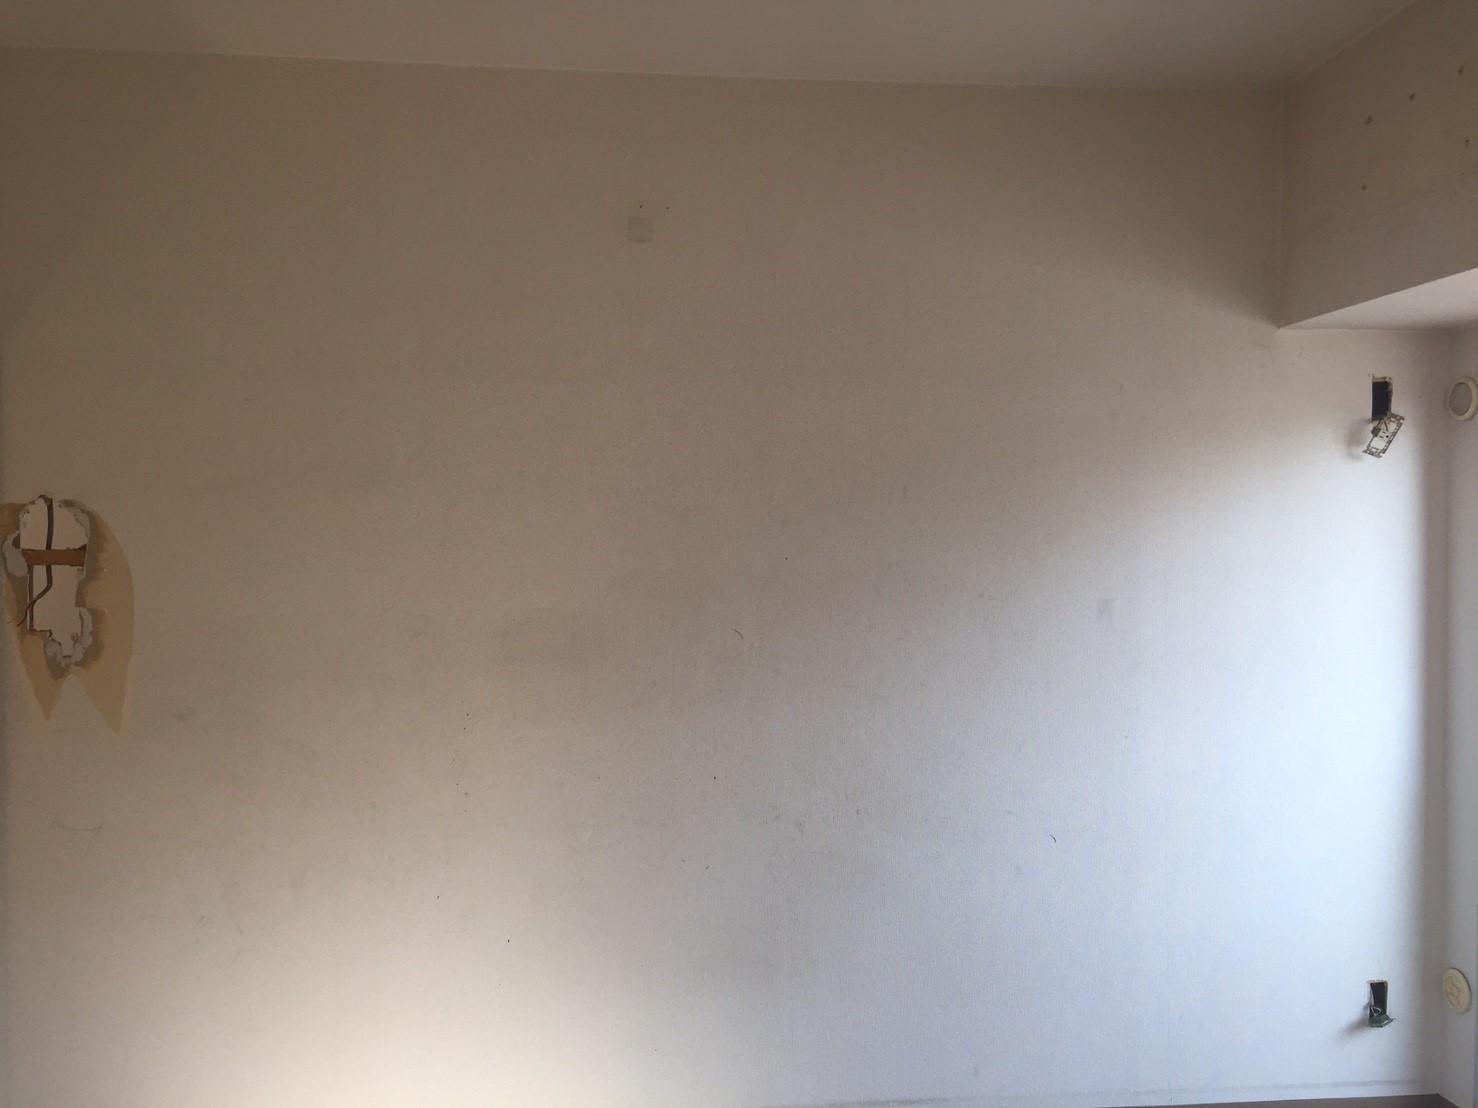 間仕切り壁の撤去前_その3 《 AsiaHome(エイジアホーム)移転に伴うリノベーション工事 》